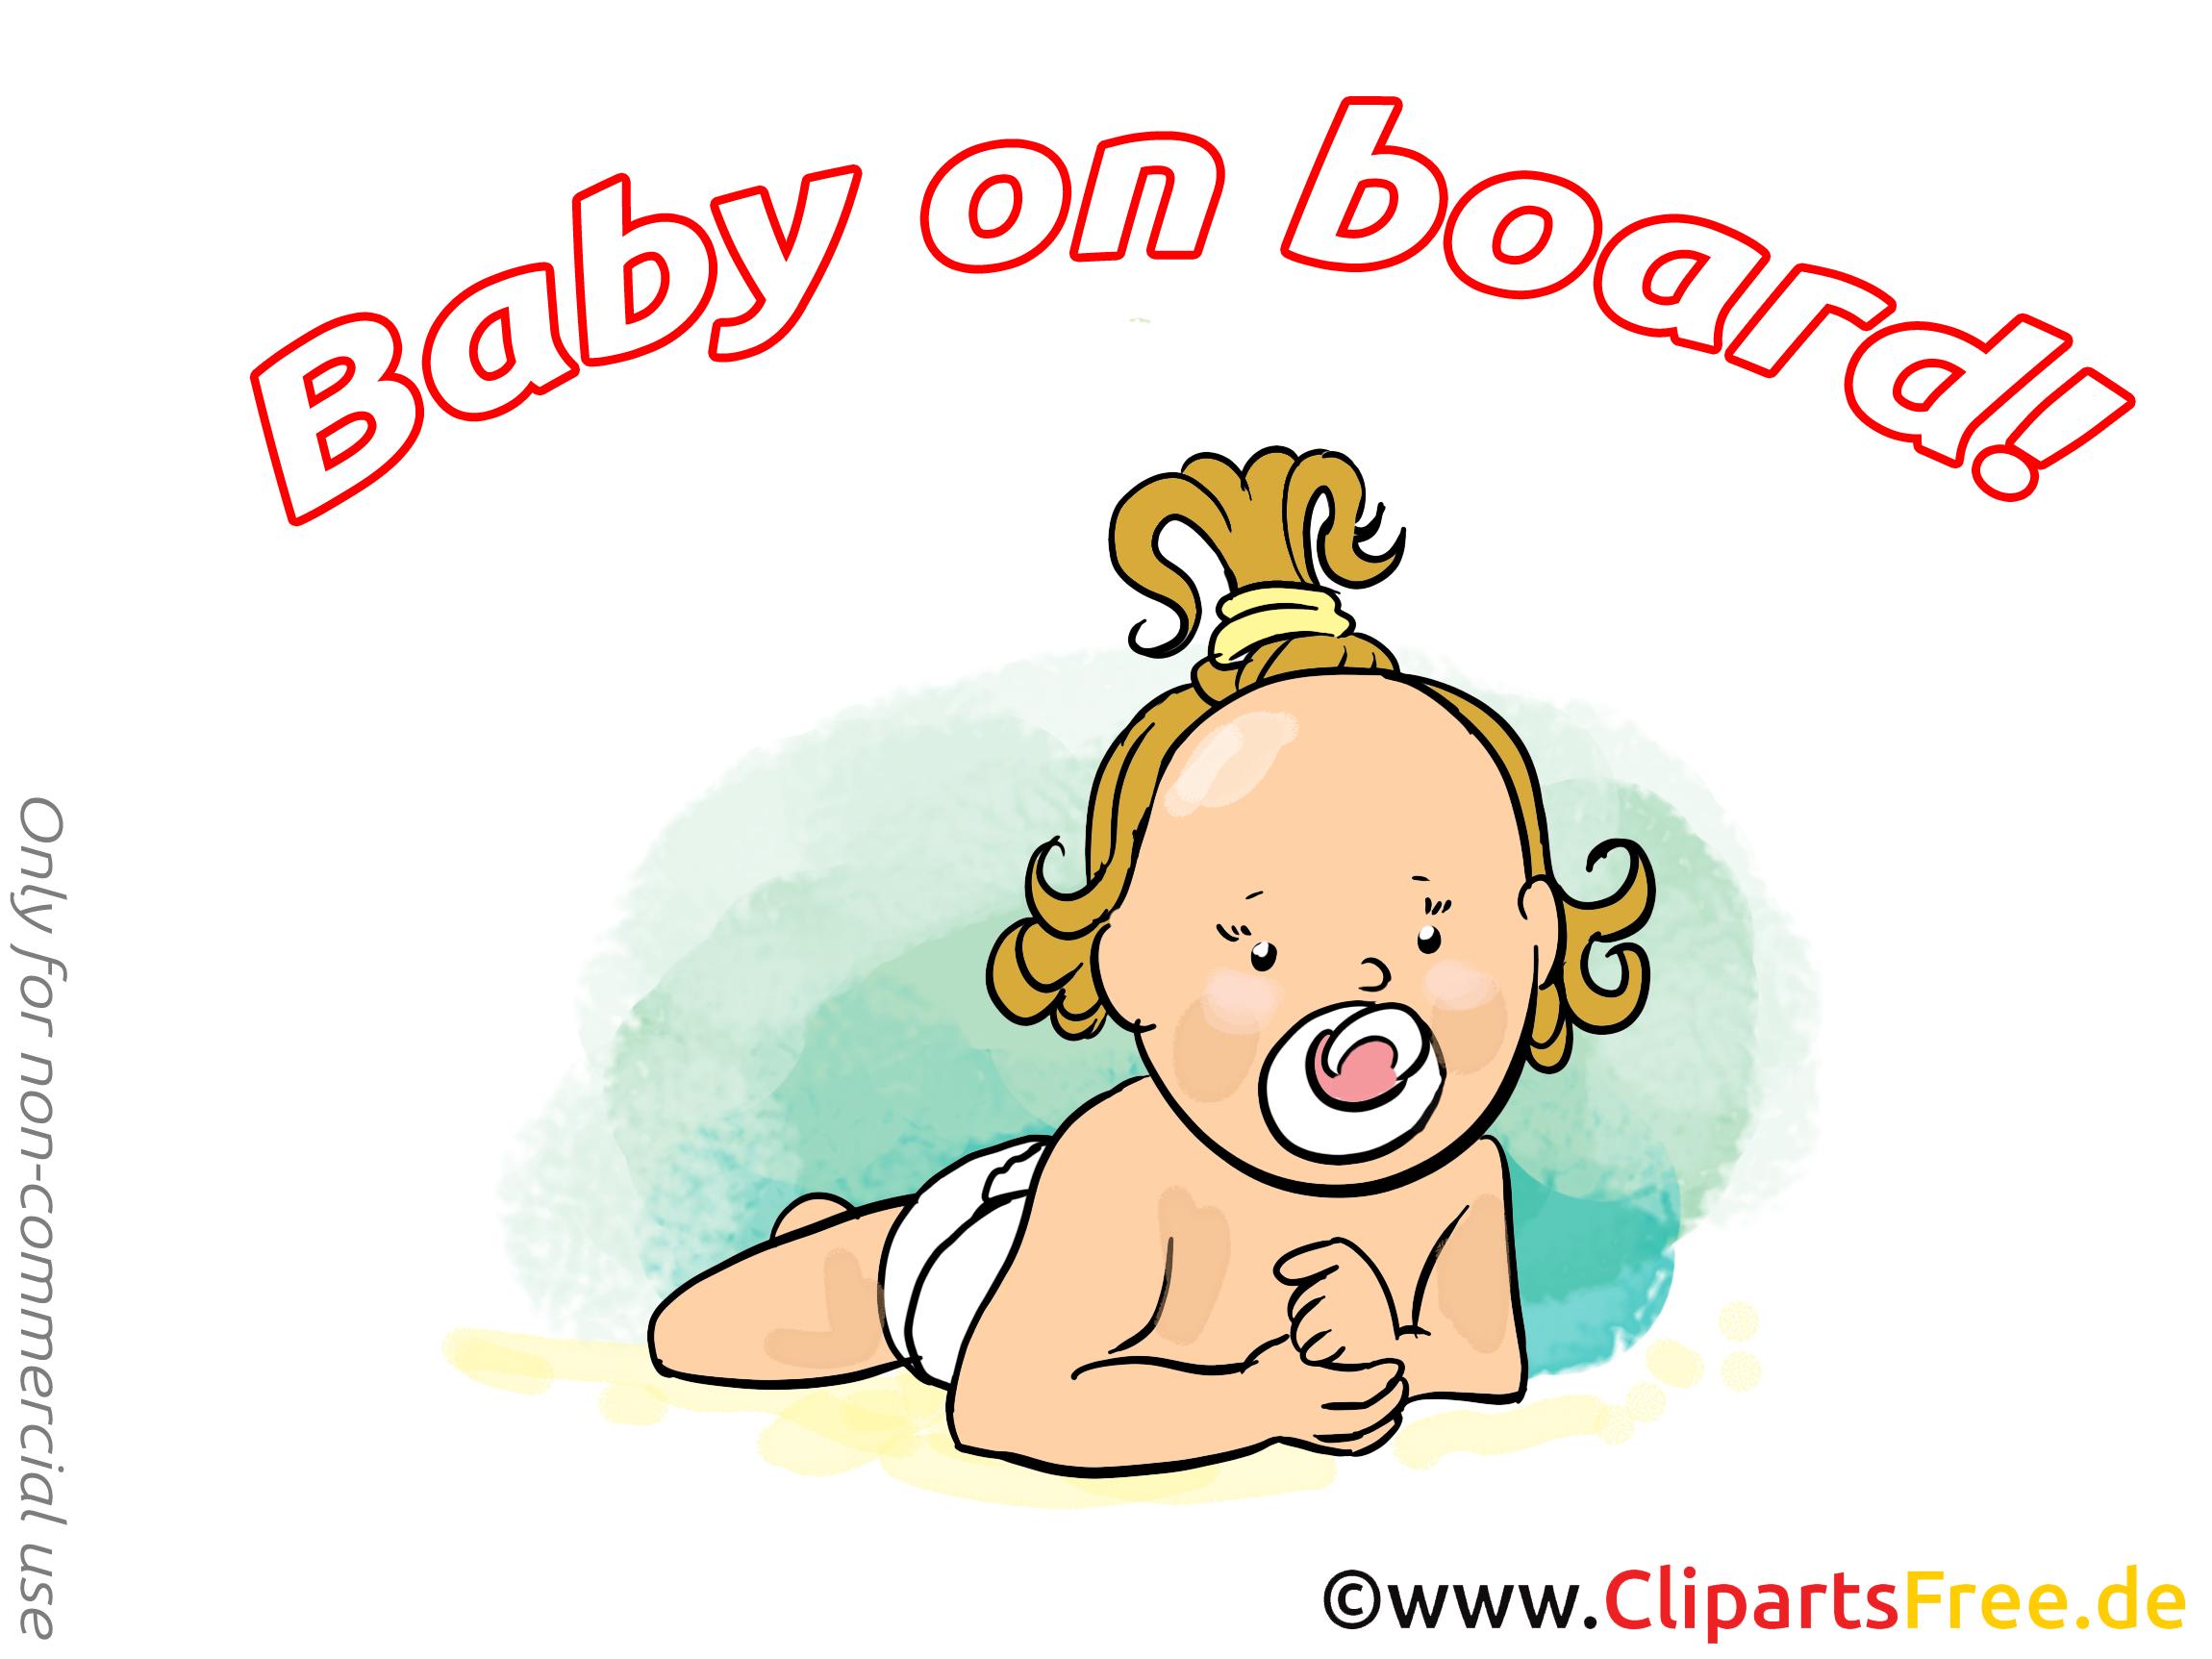 Petite fille image gratuite – Bébé à bord cliparts